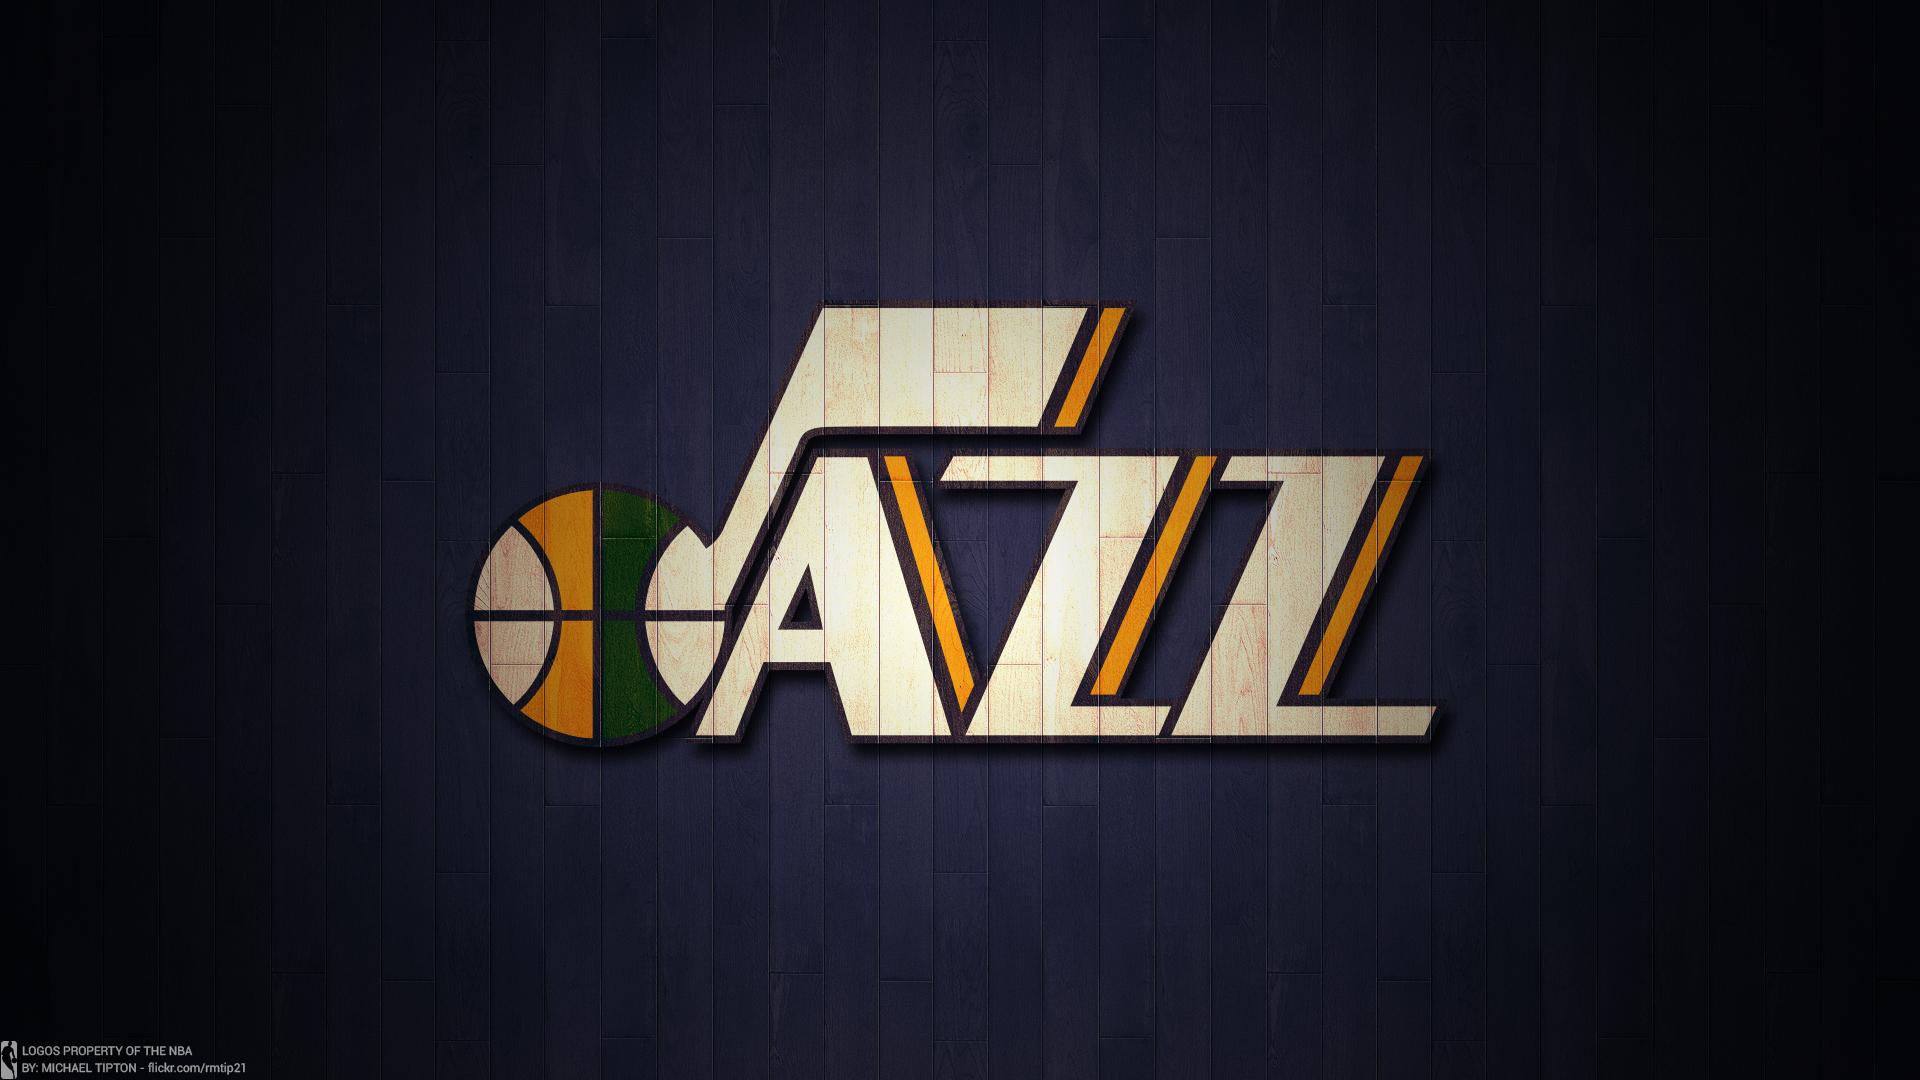 wallpaper utah jazz